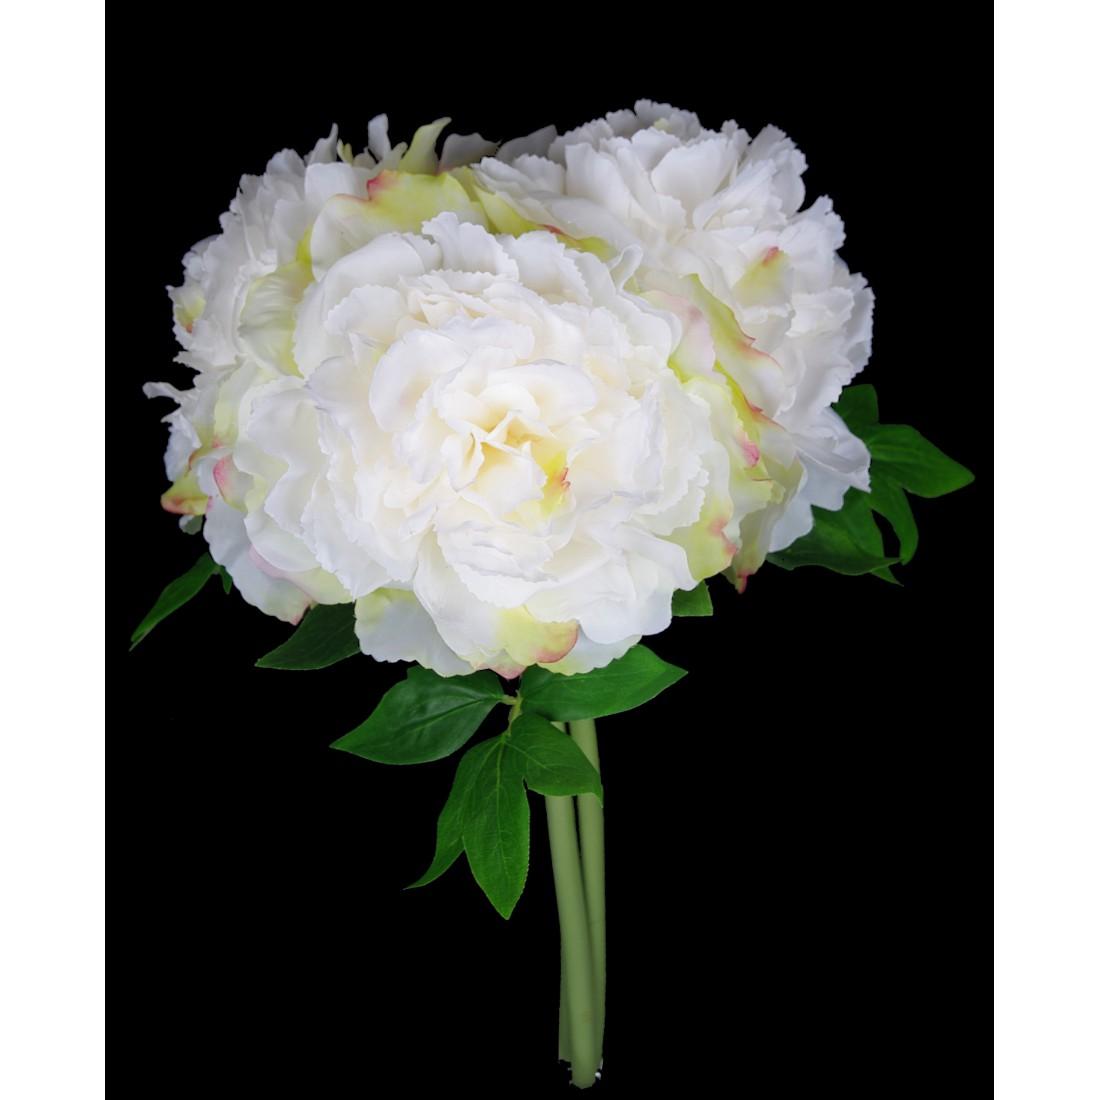 bouquet pivoine artificiel 38 cm bouquets et pots artificiels reflets nature lyon. Black Bedroom Furniture Sets. Home Design Ideas